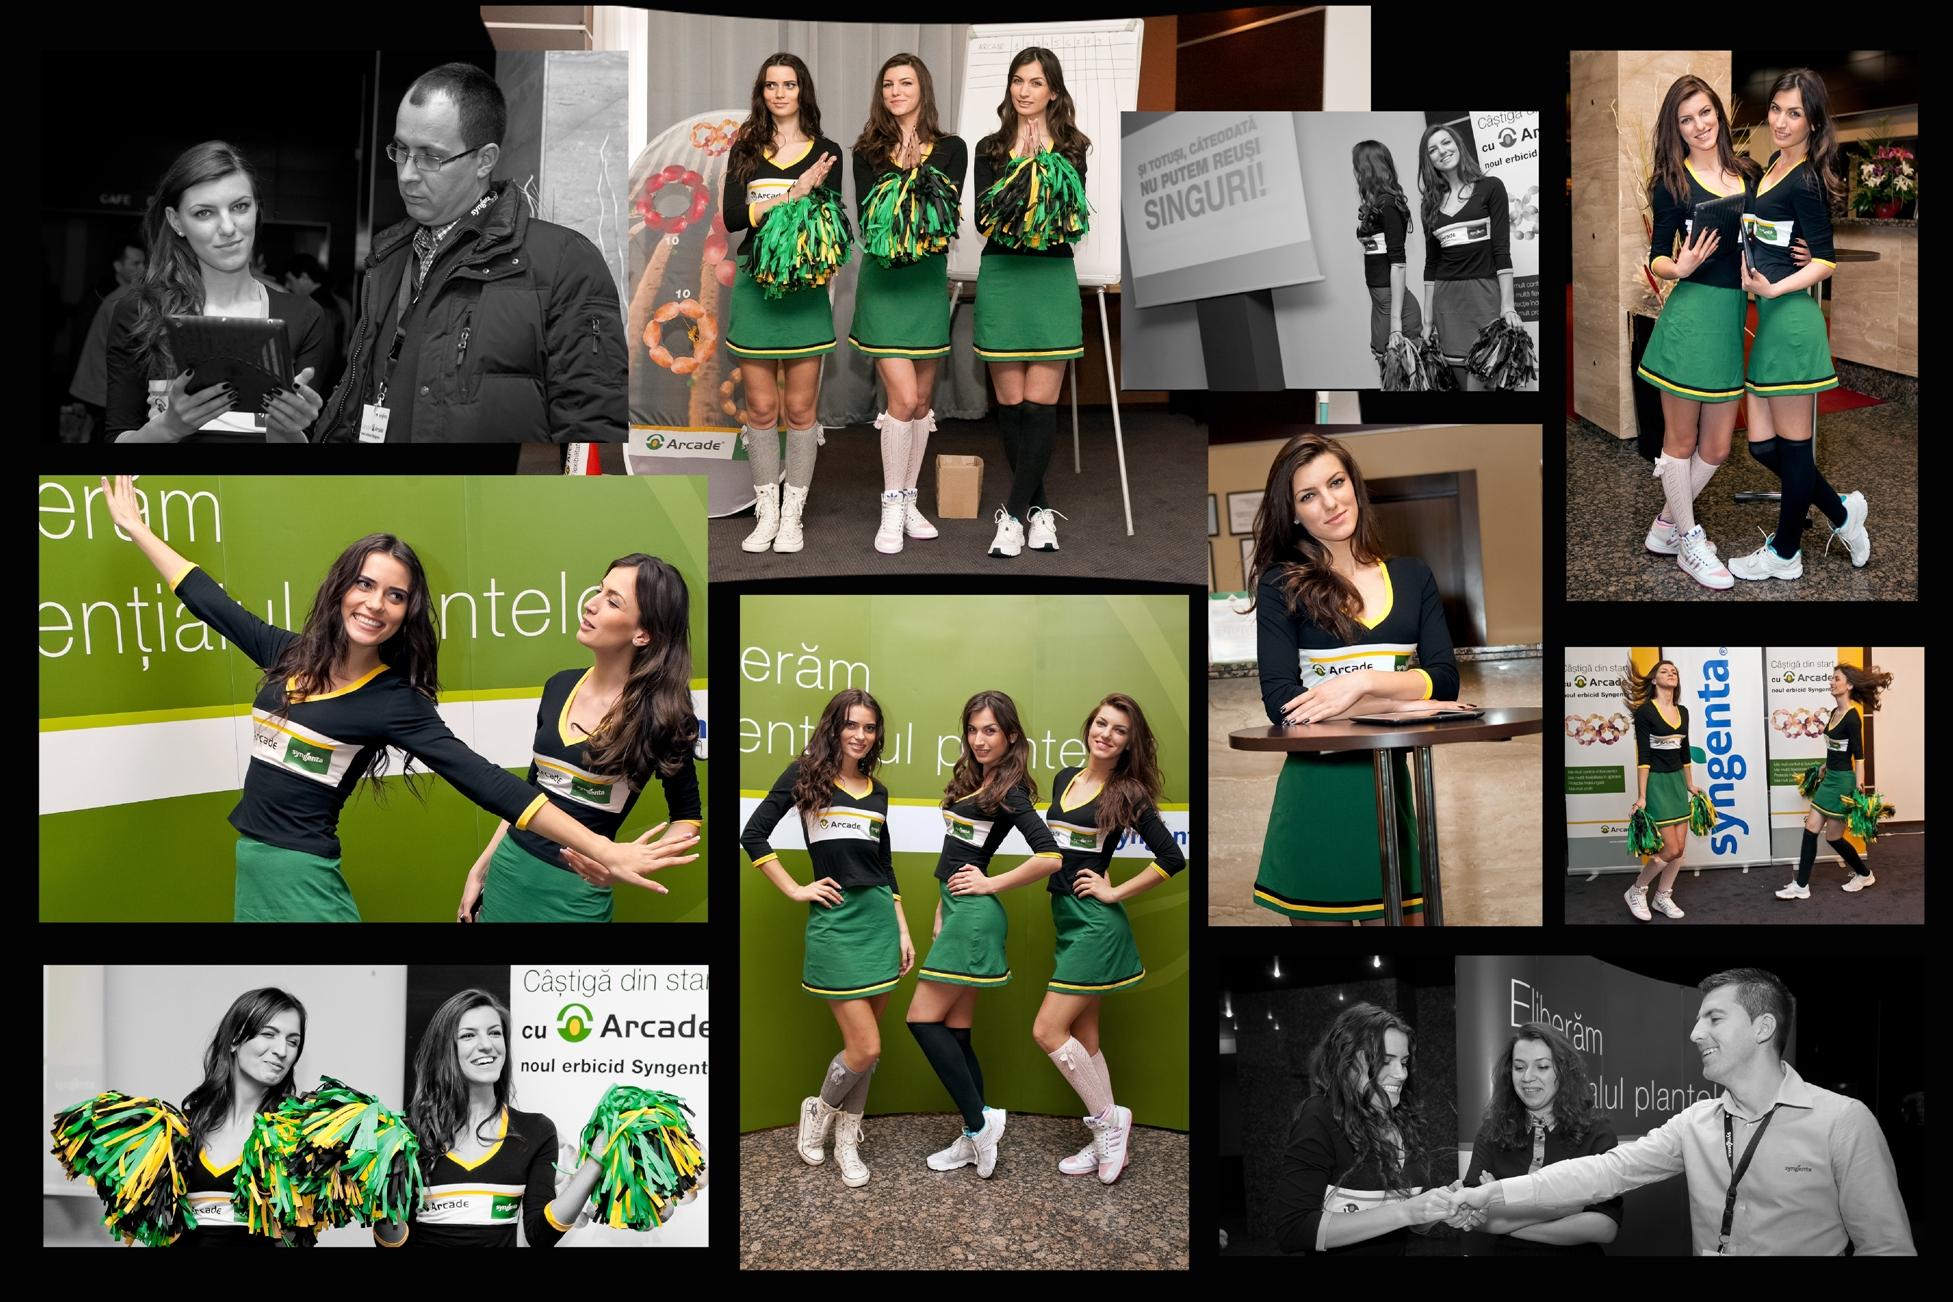 Hostess+Evenimente+Brasov.jpg